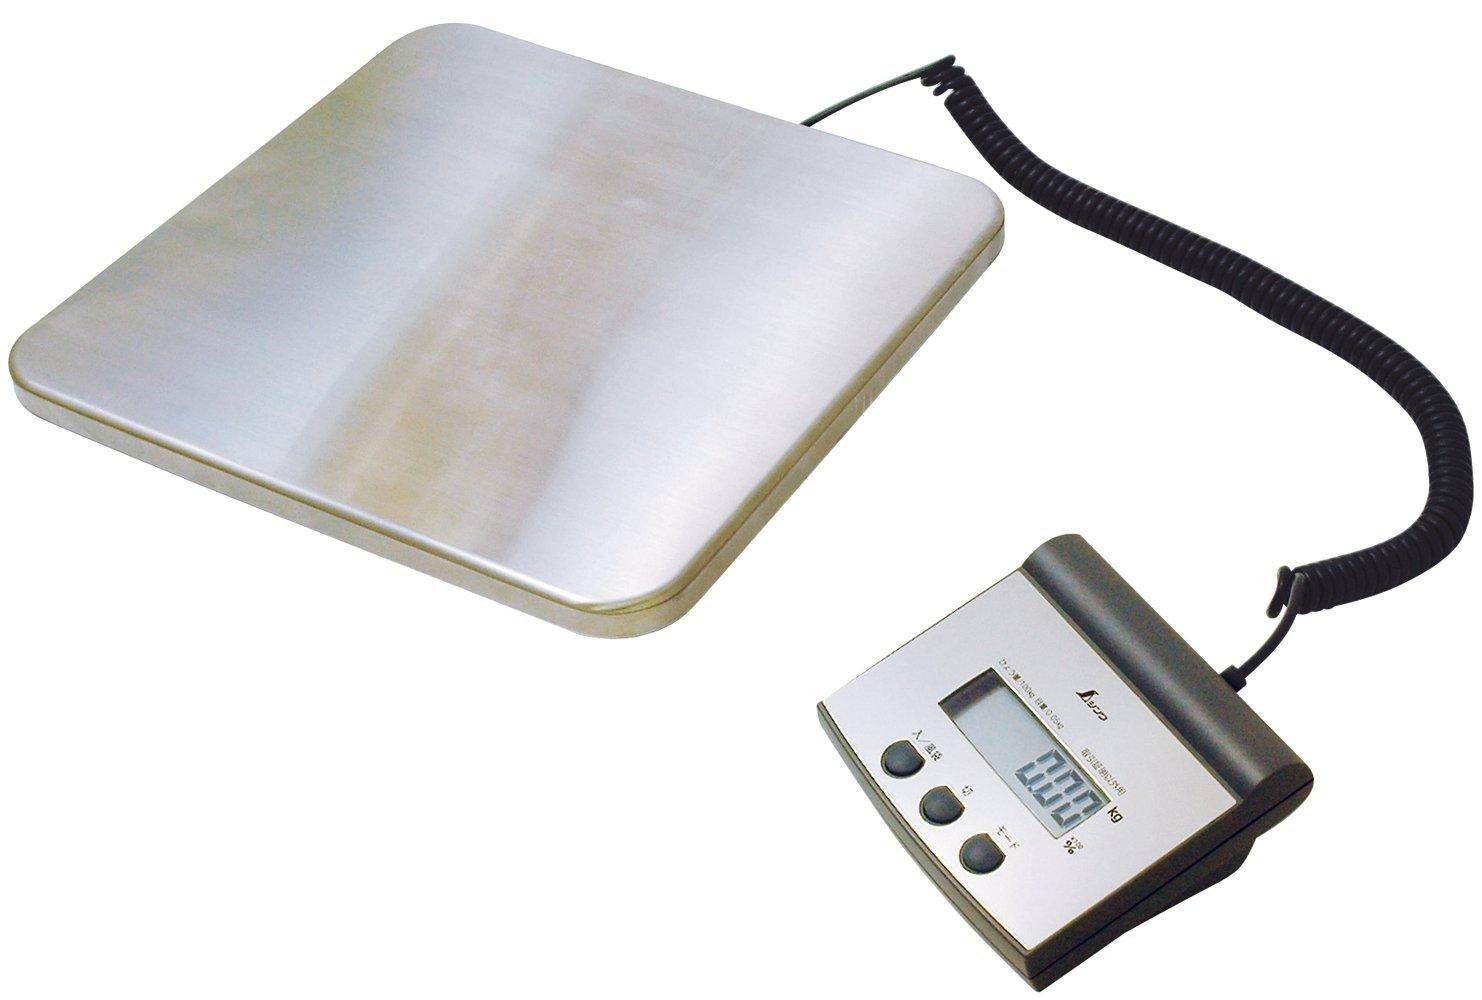 シンワ測定 デジタル台はかり 隔測式 100kg